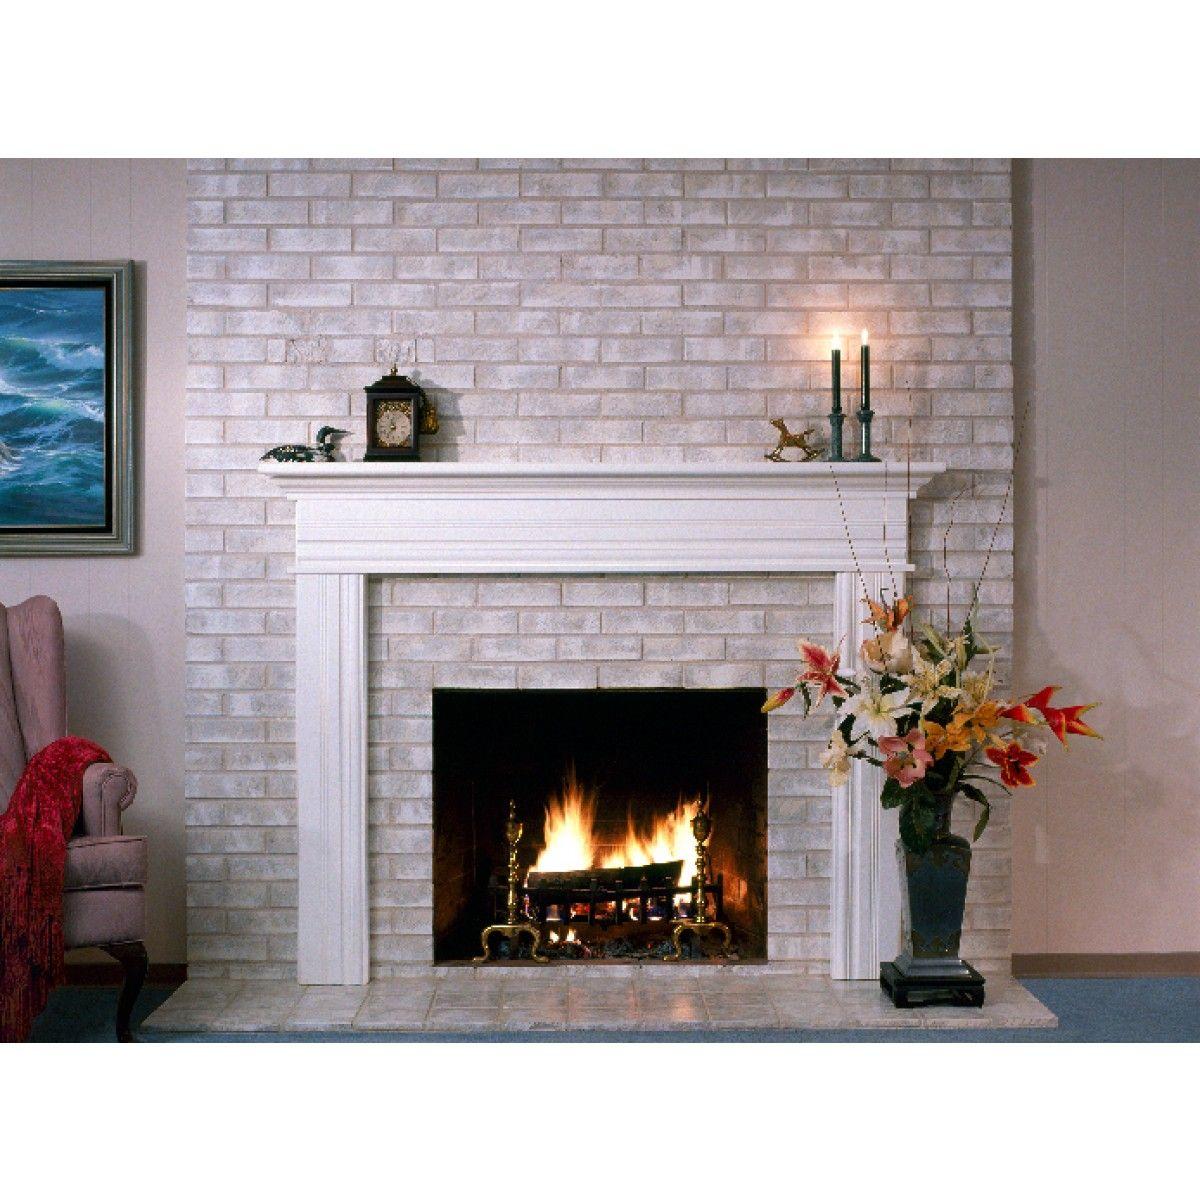 Fireplace Paint Kit Lighten Brighten Old Brick